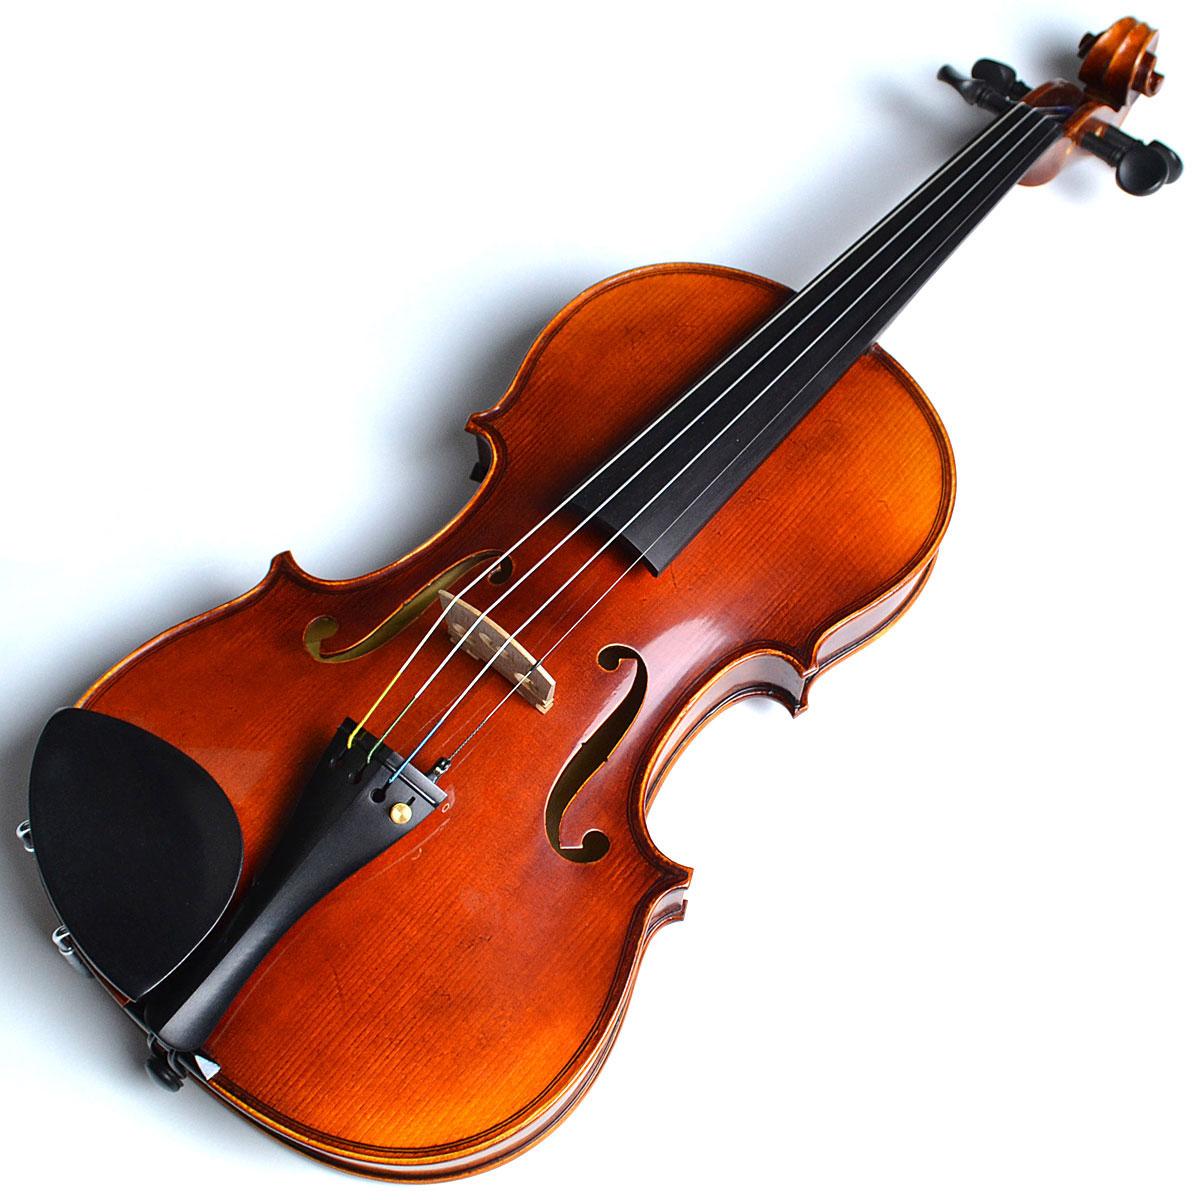 ケースカラー:ブラック 【ゲバ GEWA II アウトフィット】【島村楽器限定】 バイオリン マイスター セット II Meister 4/4サイズ